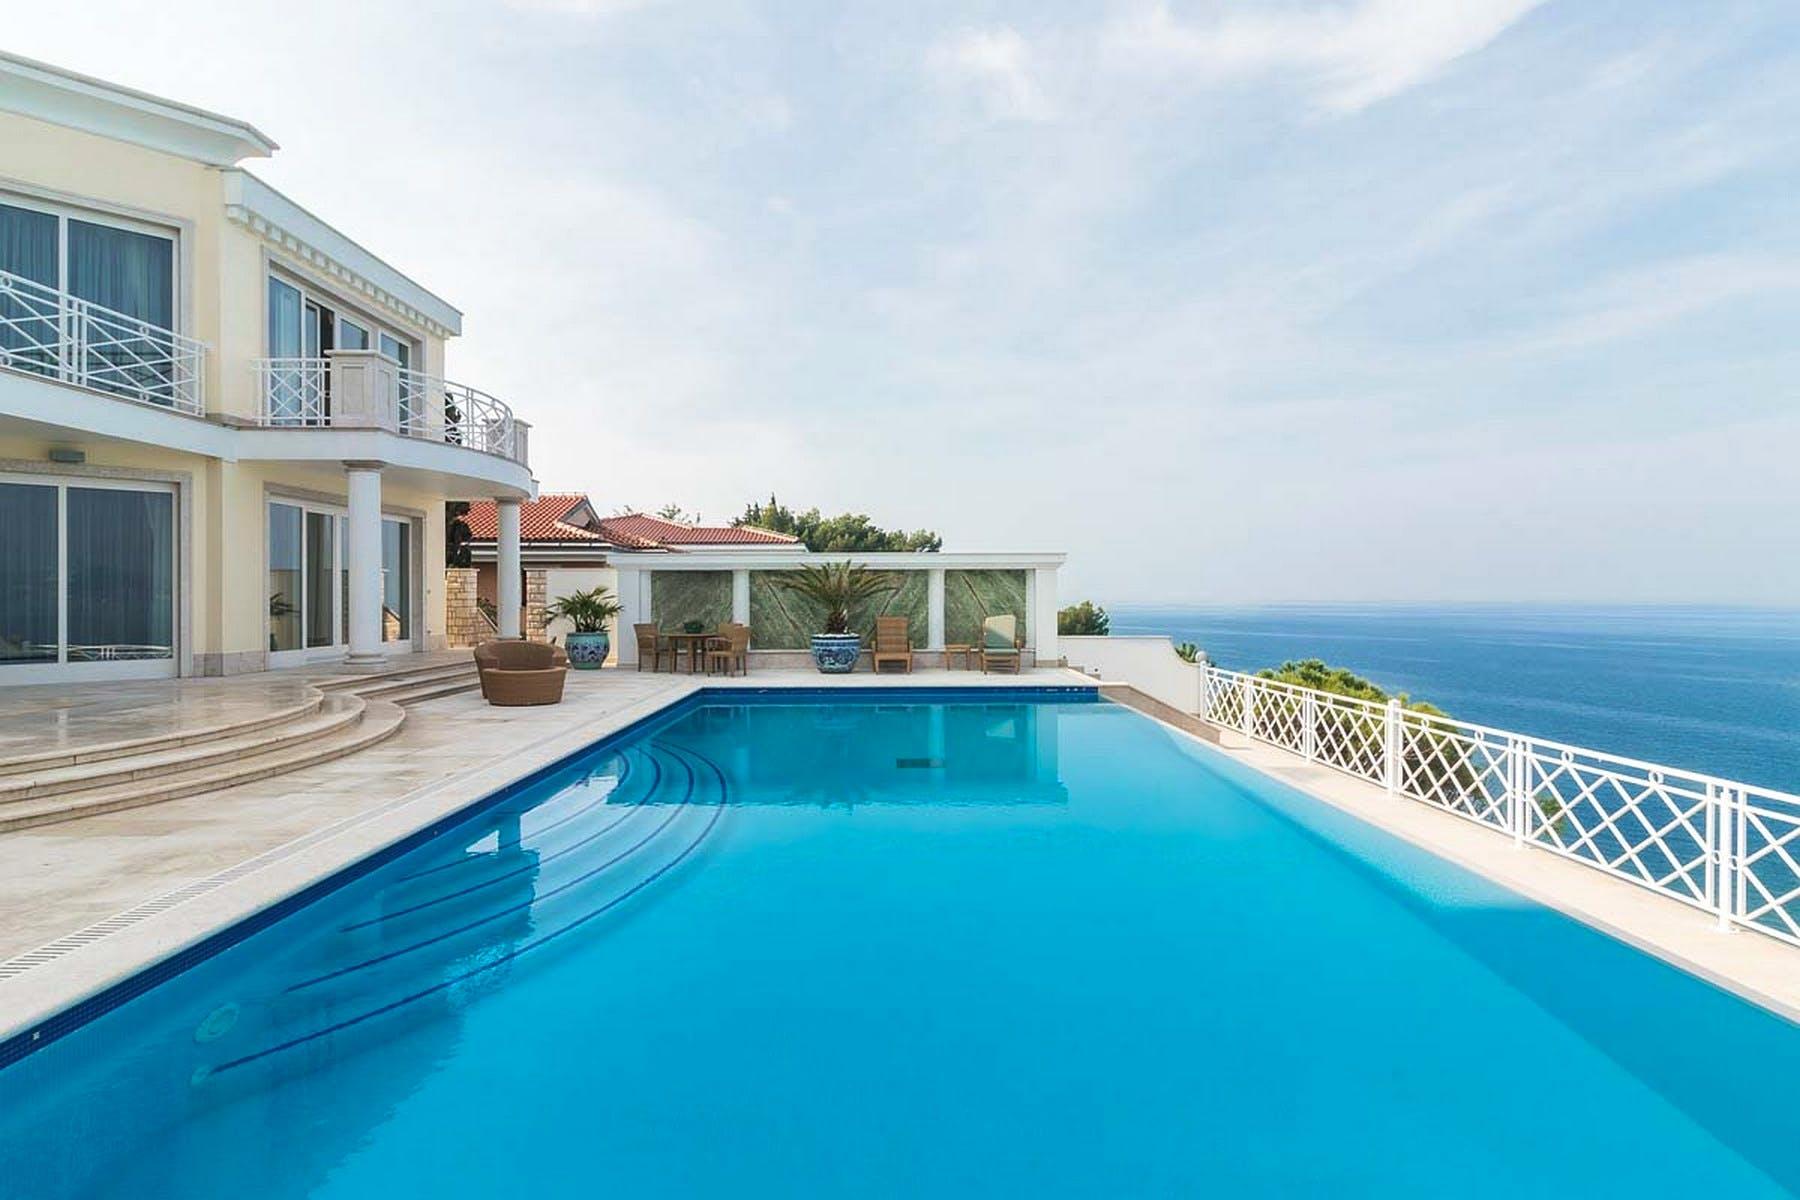 Prodaje se vila uz more u Istri